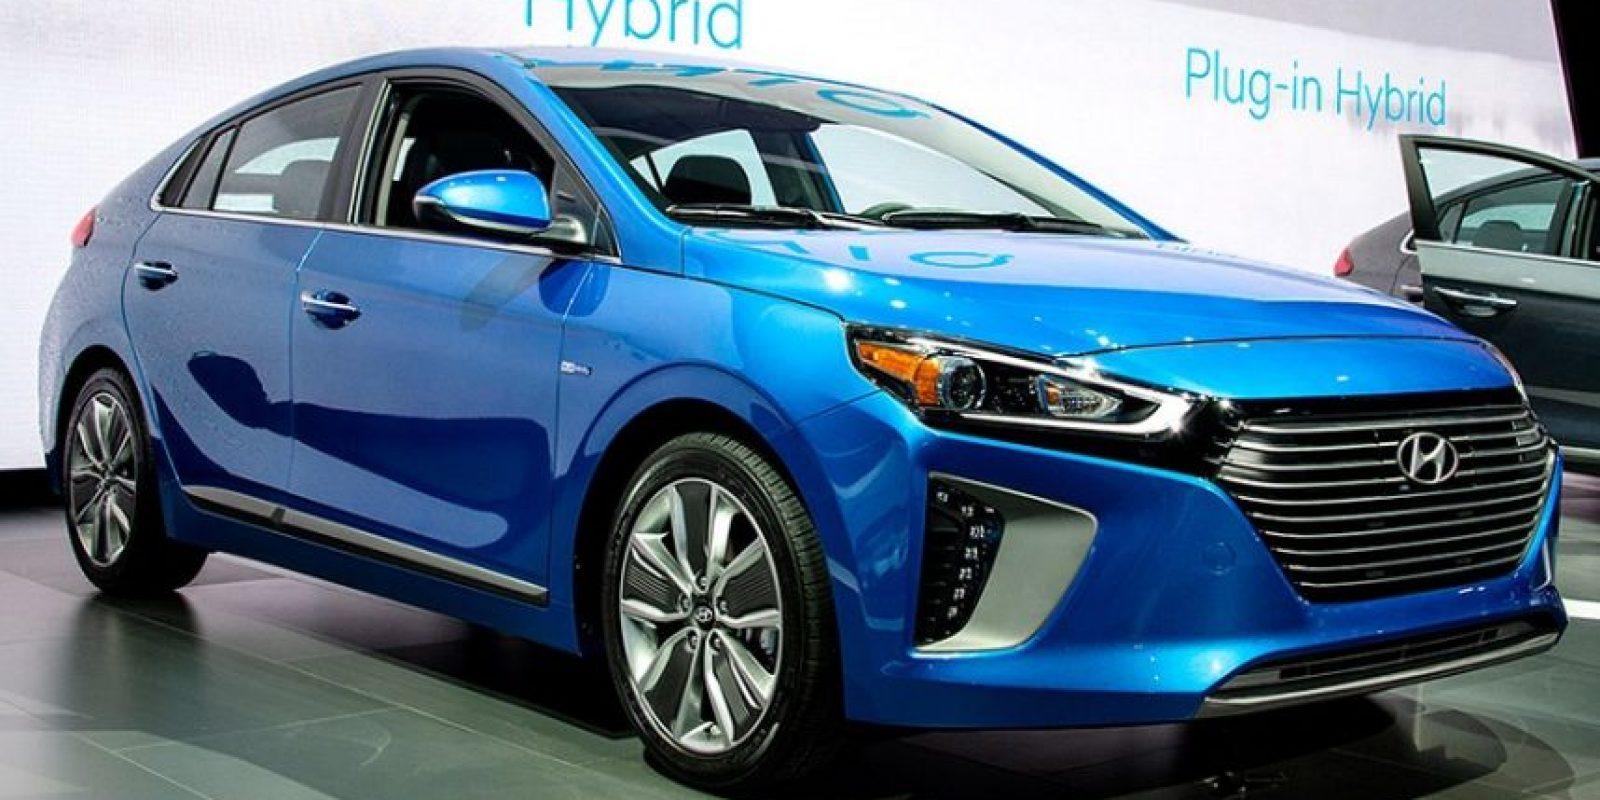 Por el lado de Hyundai, se presentaron tres versiones del nuevo Ioniq, una híbrida, otra híbrida electrónica y una tercera completamente eléctrica. Foto: suministrada